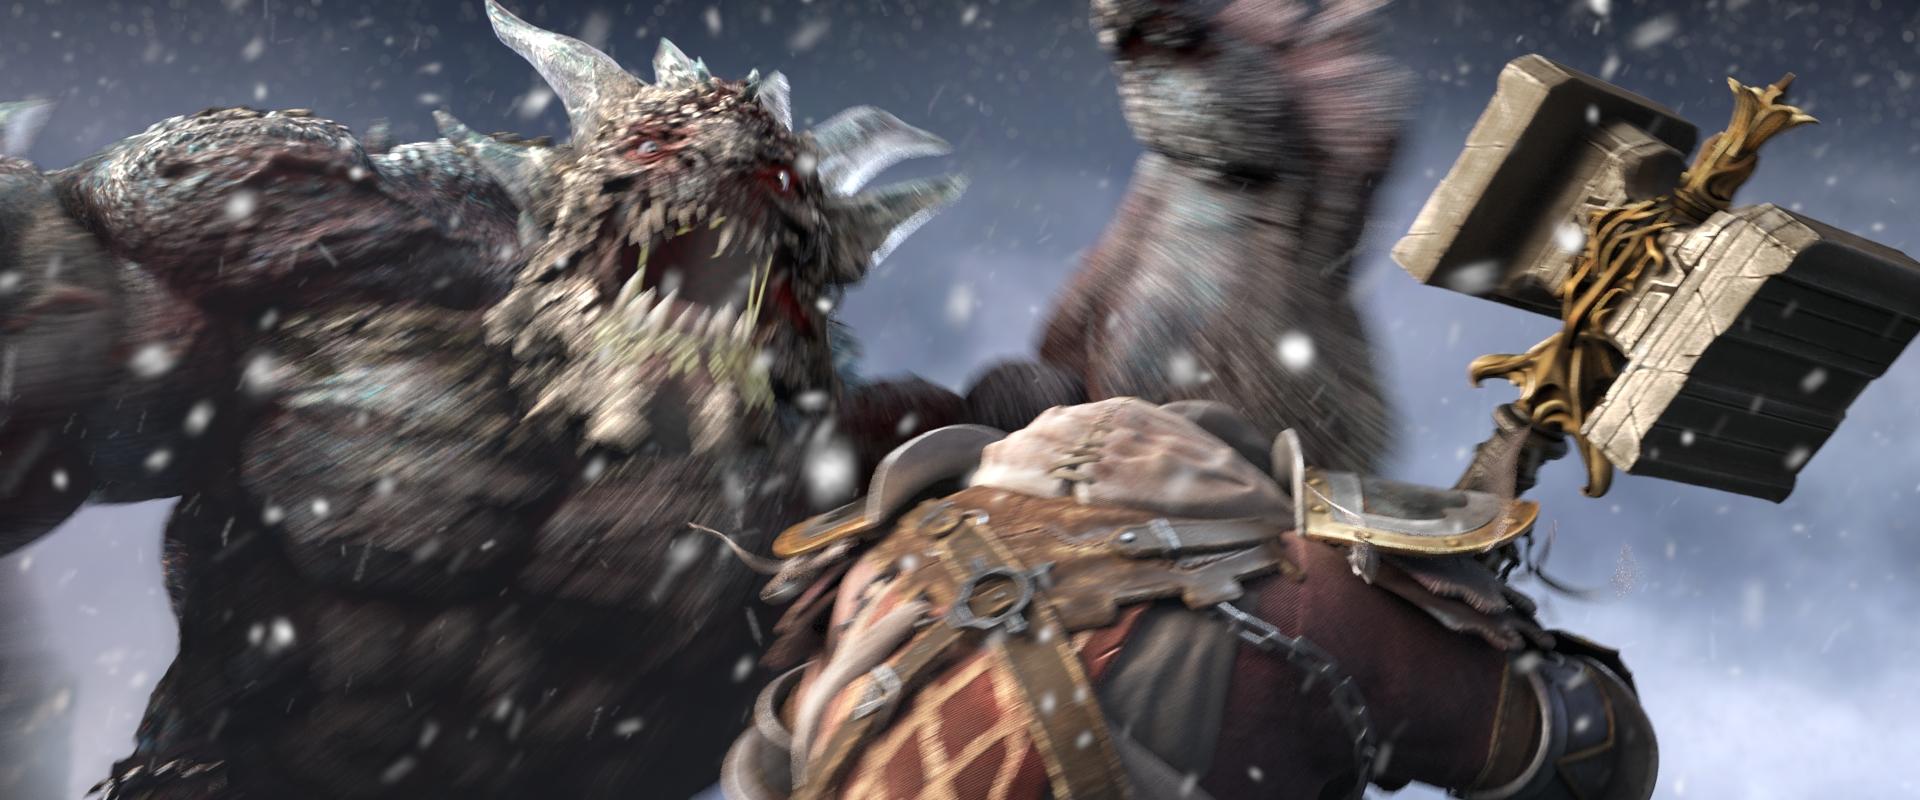 První trailer z next-gen RPG Lords of the Fallen 86367